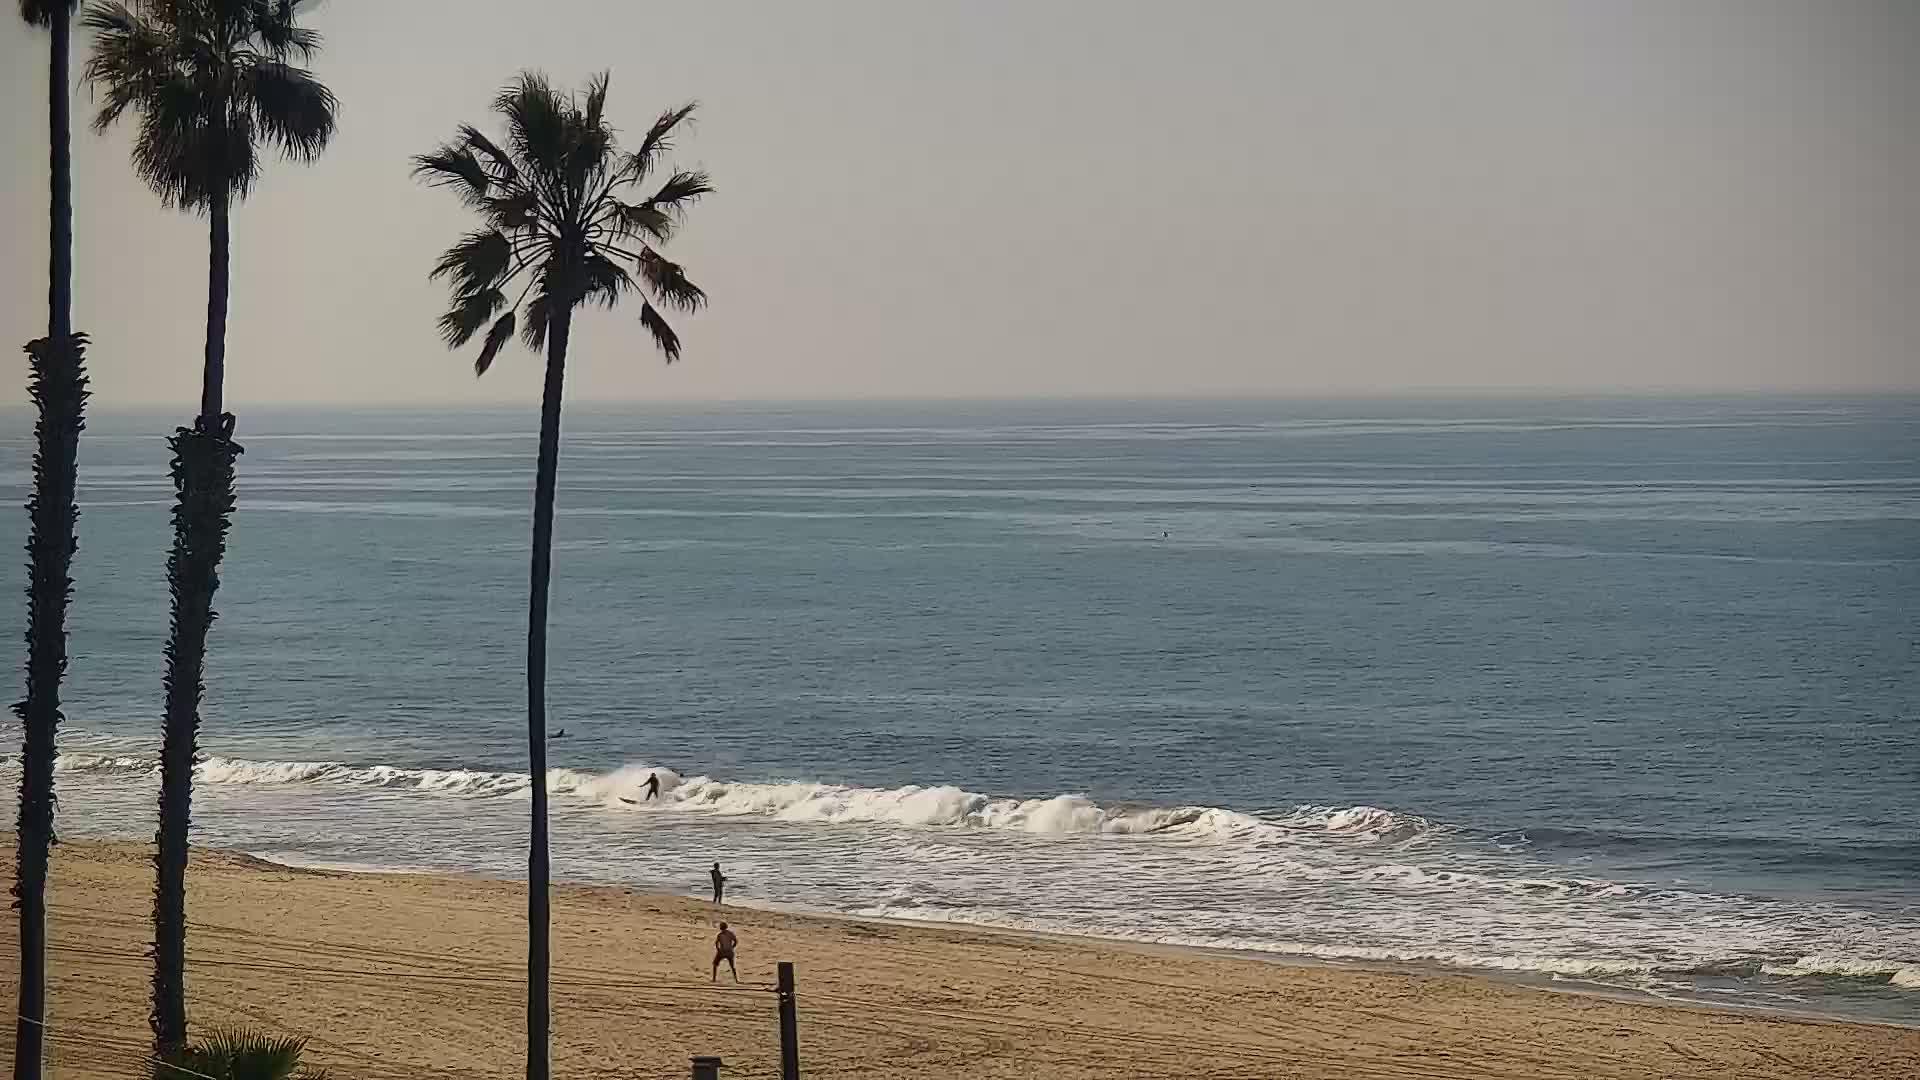 Webcam huntington beach seems